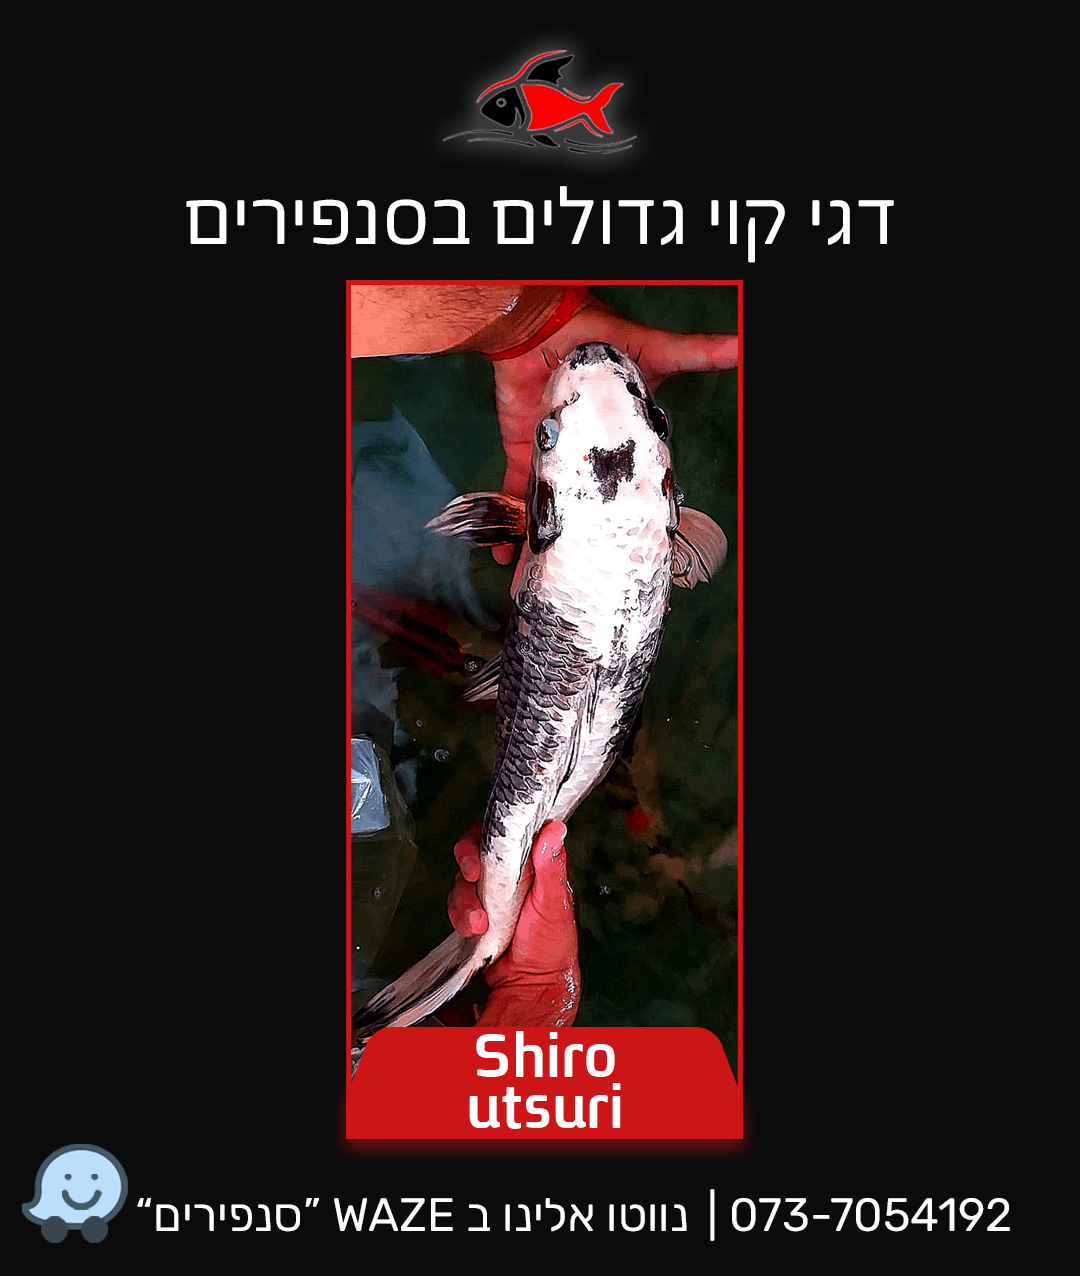 shiro-utsuri